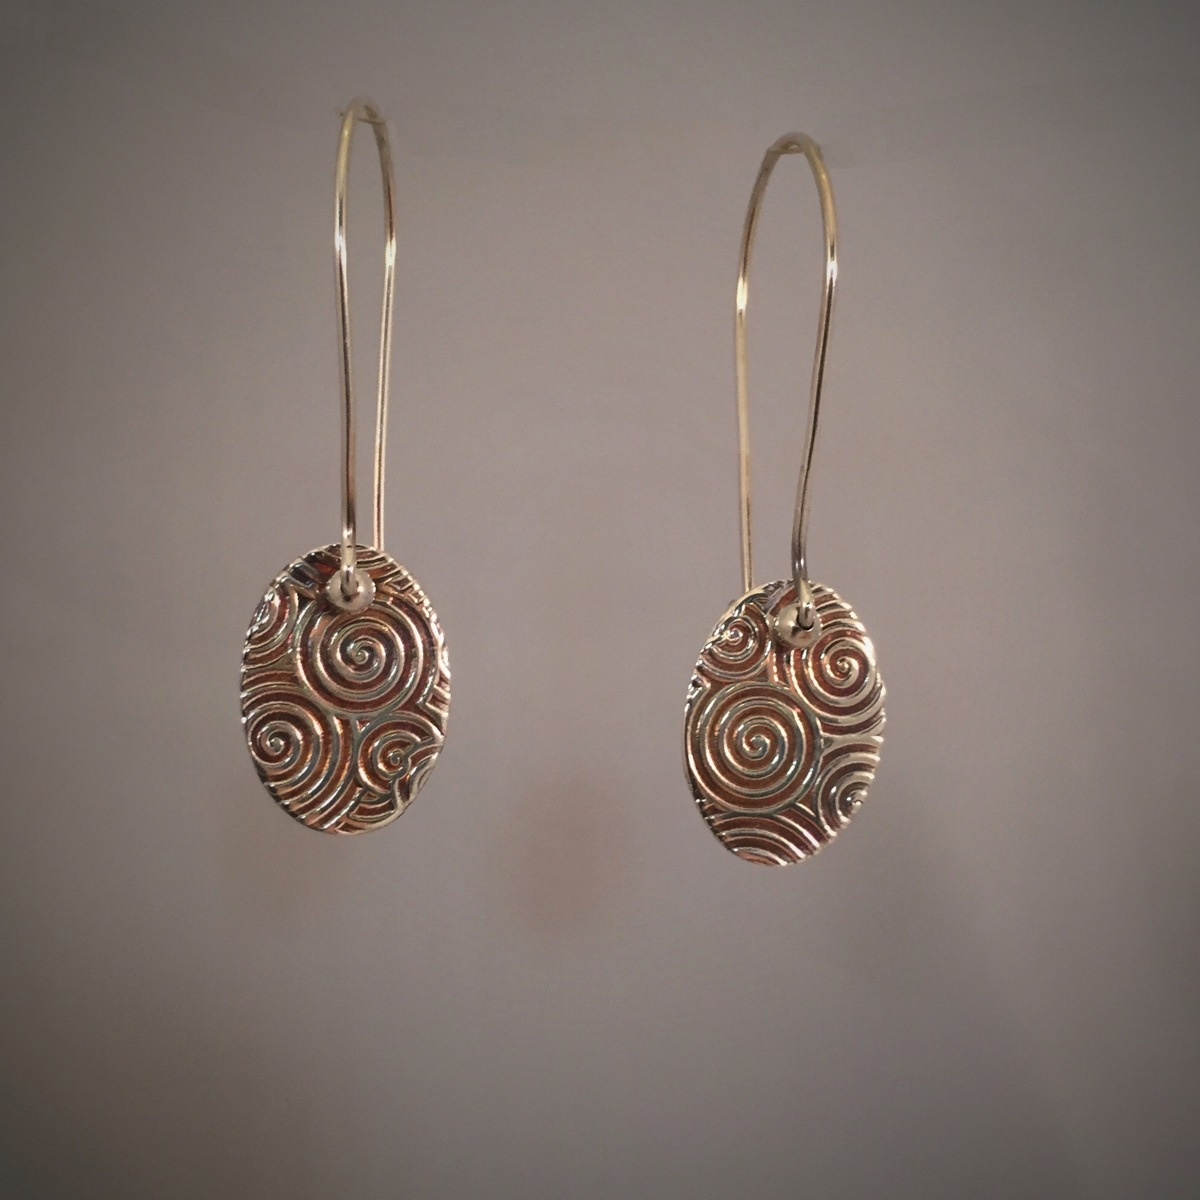 Kinetic Swirl Series Earrings 2 (large view)